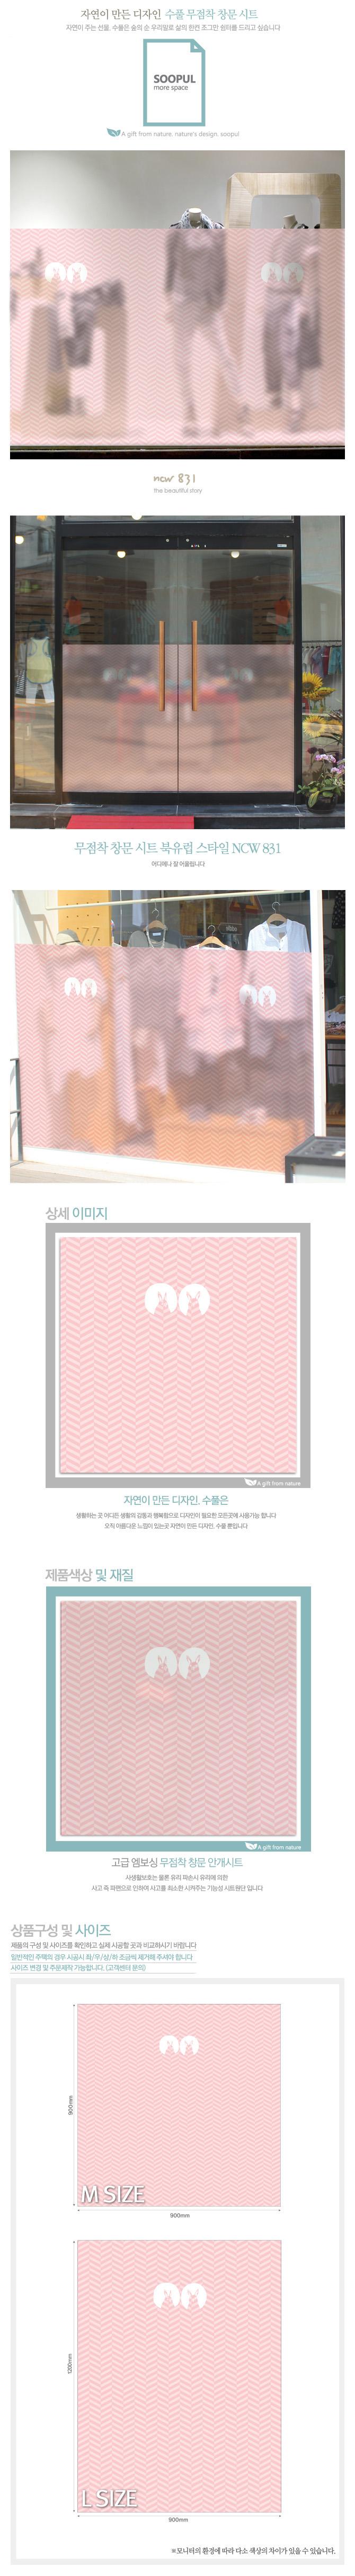 무점착 창문 시트  북유럽 스타일 NCW831 - 수풀, 19,600원, 벽지/시트지, 디자인 시트지